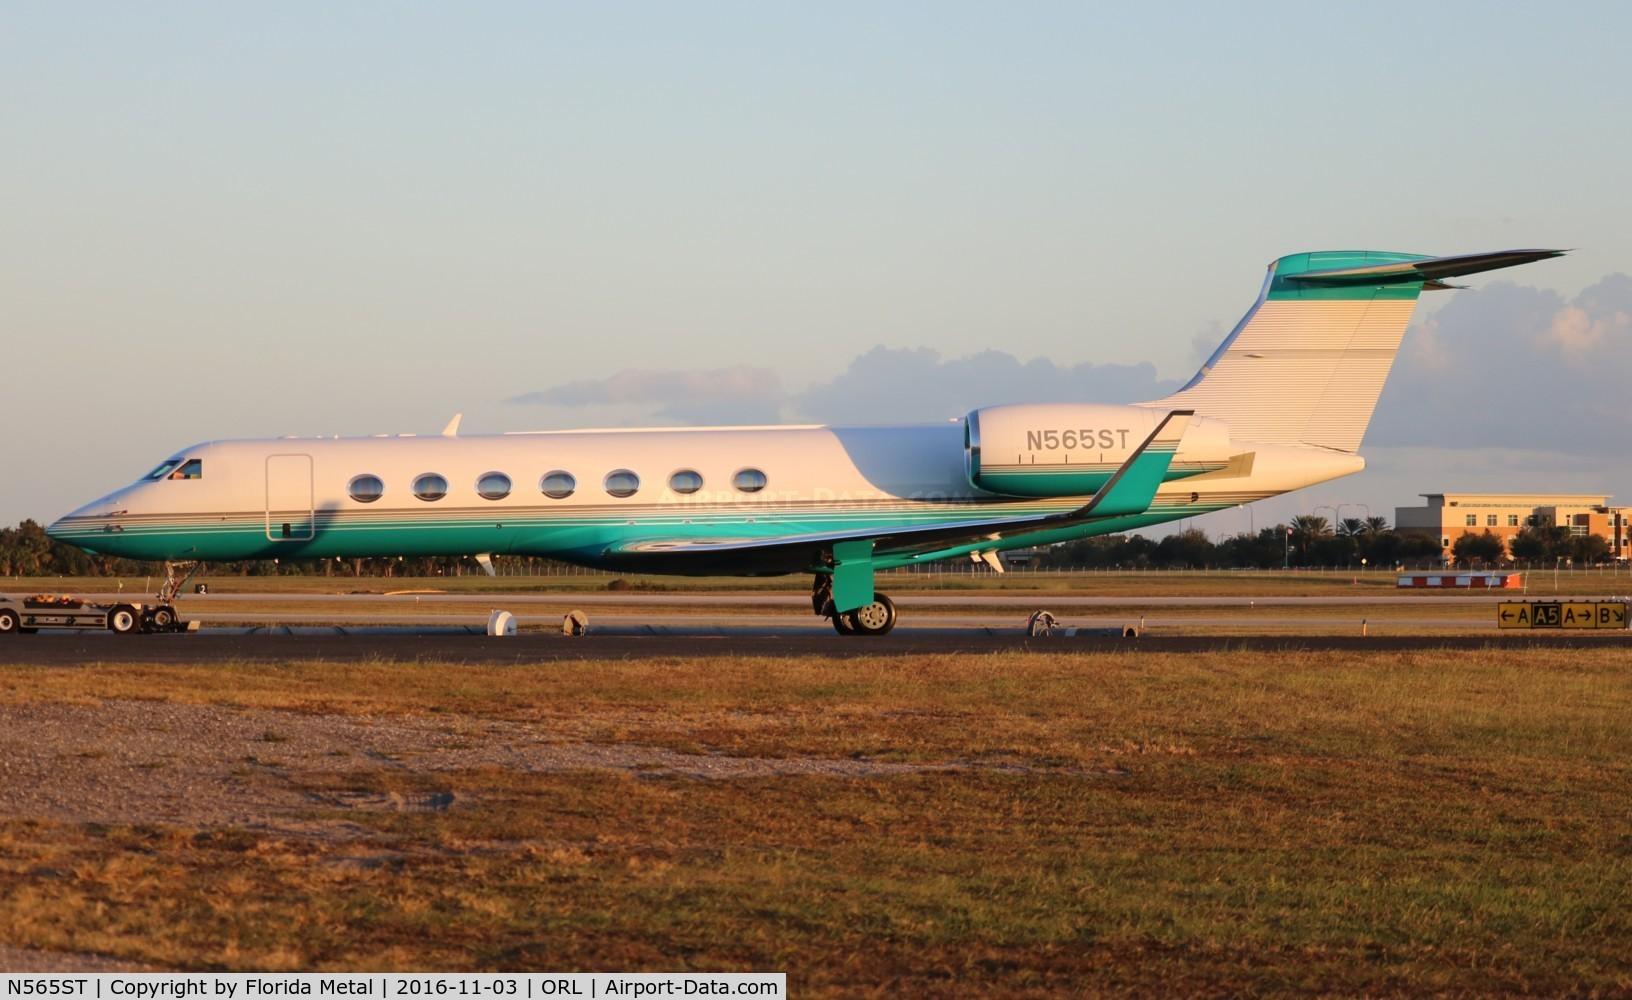 N565ST, 2004 Gulfstream Aerospace GV-SP (G550) C/N 5015, Gulfstream 550